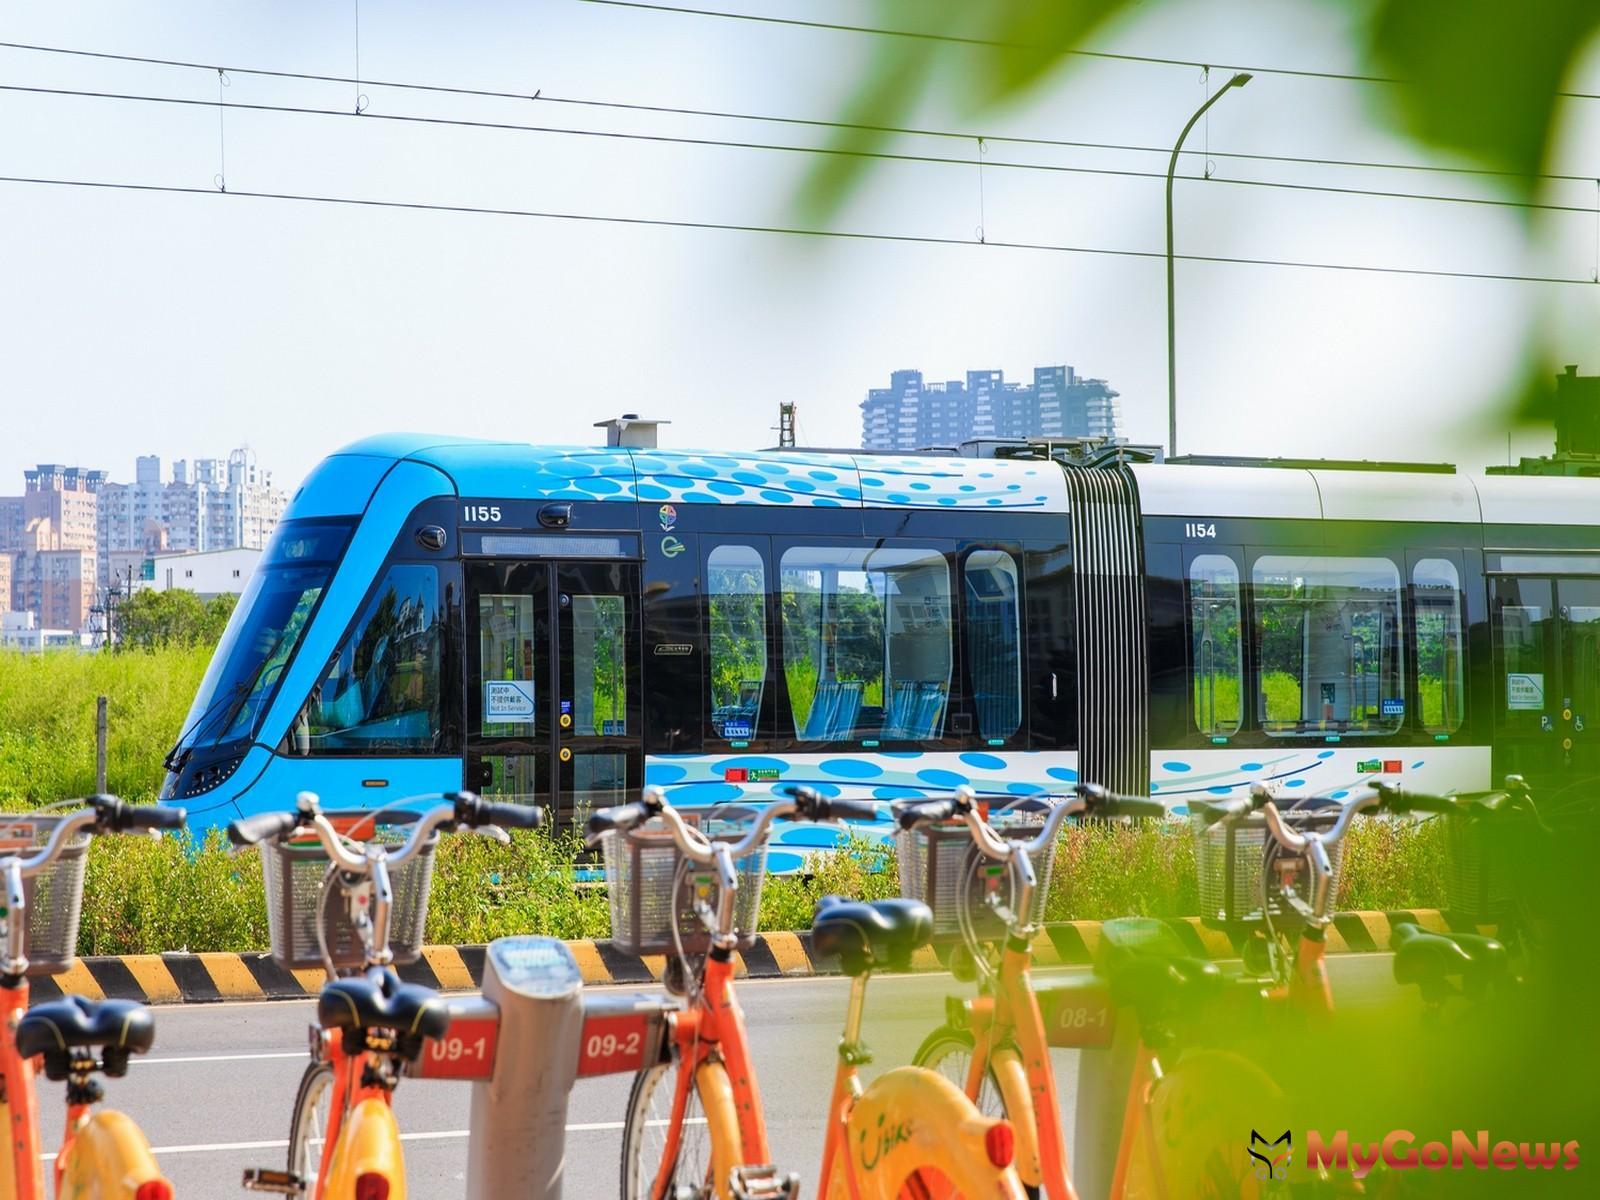 淡海輕軌改寫淡水核心地段,也帶來買氣,成為北台灣首個輕軌開通的首購熱區,用軌城洗脫過往鬼城印象(圖/業者提供) MyGoNews房地產新聞 熱銷推案